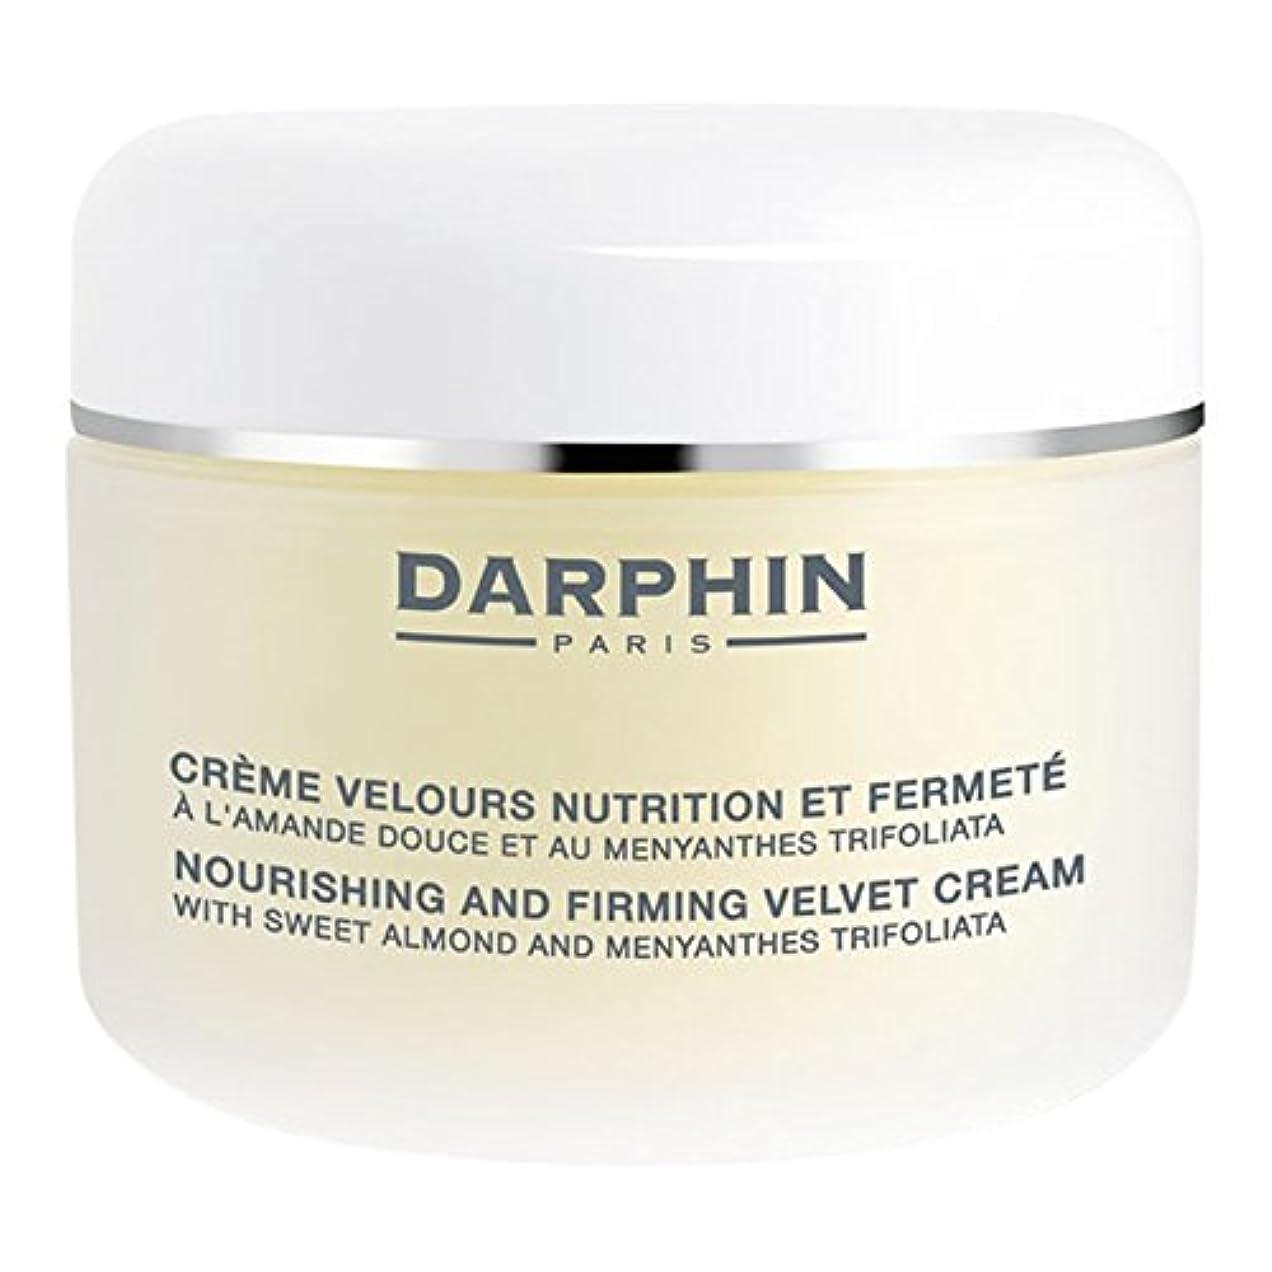 未知の容量予備栄養と引き締めベルベットのクリーム200ミリリットルをダルファン (Darphin) - Darphin Nourishing and Firming Velvet Cream 200ml [並行輸入品]